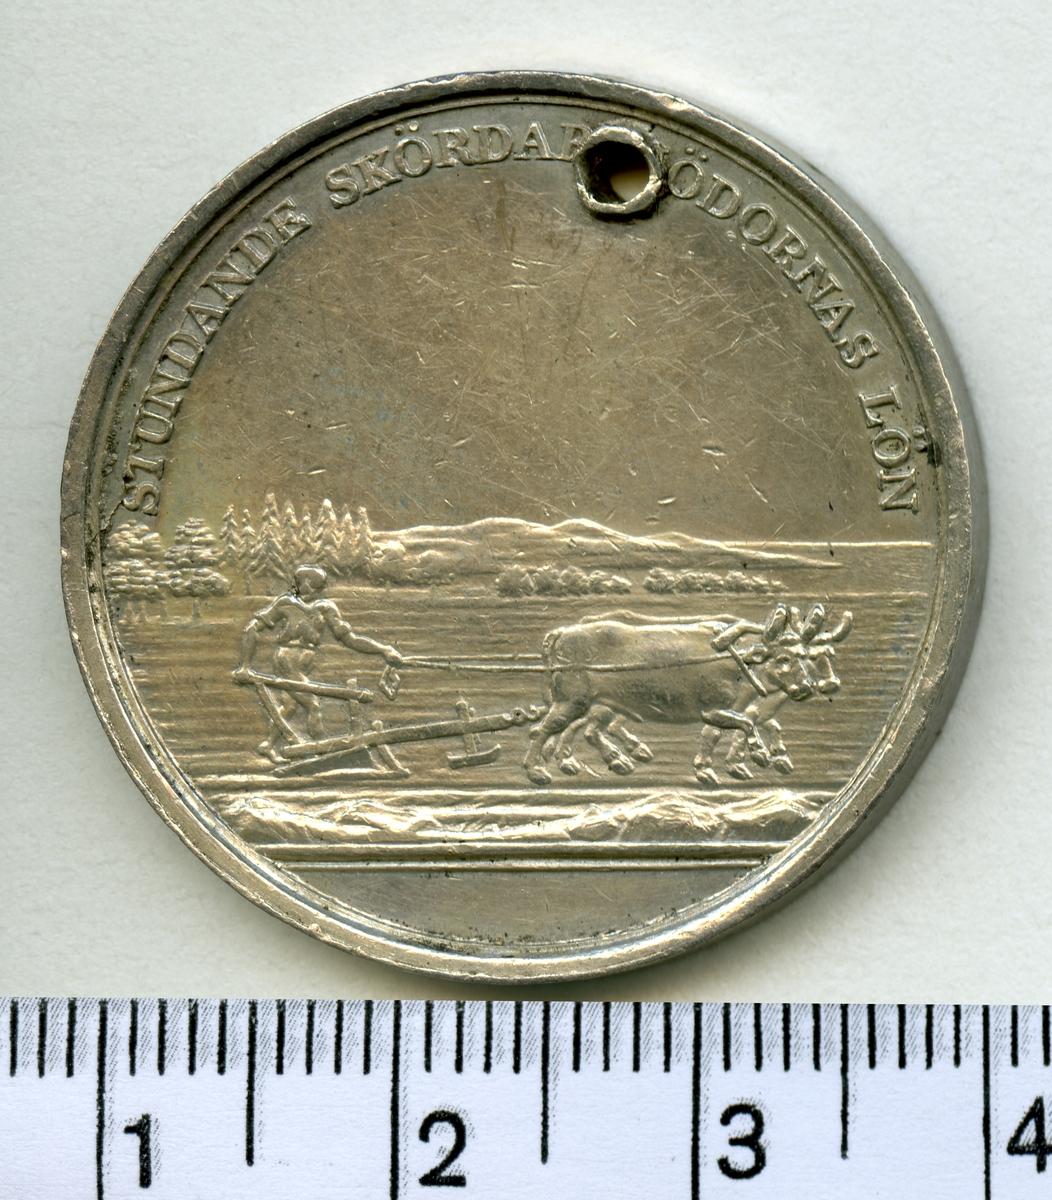 Belöningsmedalj.  Åtsida inskrift: CARL XIV JOH. SV. N. G. OCH V. KONUNG LANDTB. ACAD. BESKYDDARE  Frånsida inskrift: STUNDANDE SKÖRDAR MÖDORNAS LÖN  Gravör: L. P. Lundgren  Medaljen har ett hål.